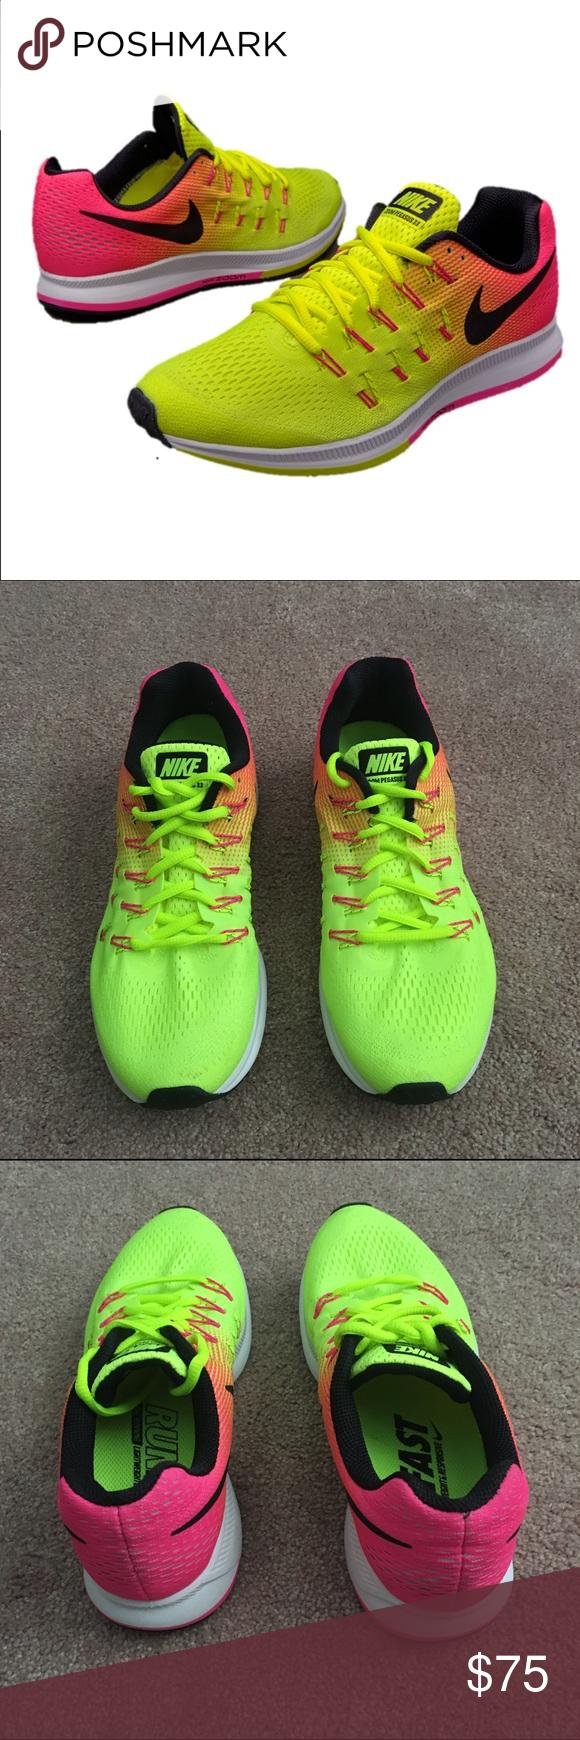 8c3ed42eee35 Zoom Pegasus 33 Nike Running Shoes Nike Air Zoom Pegasus 33 Nike Sneakers.  Worn to